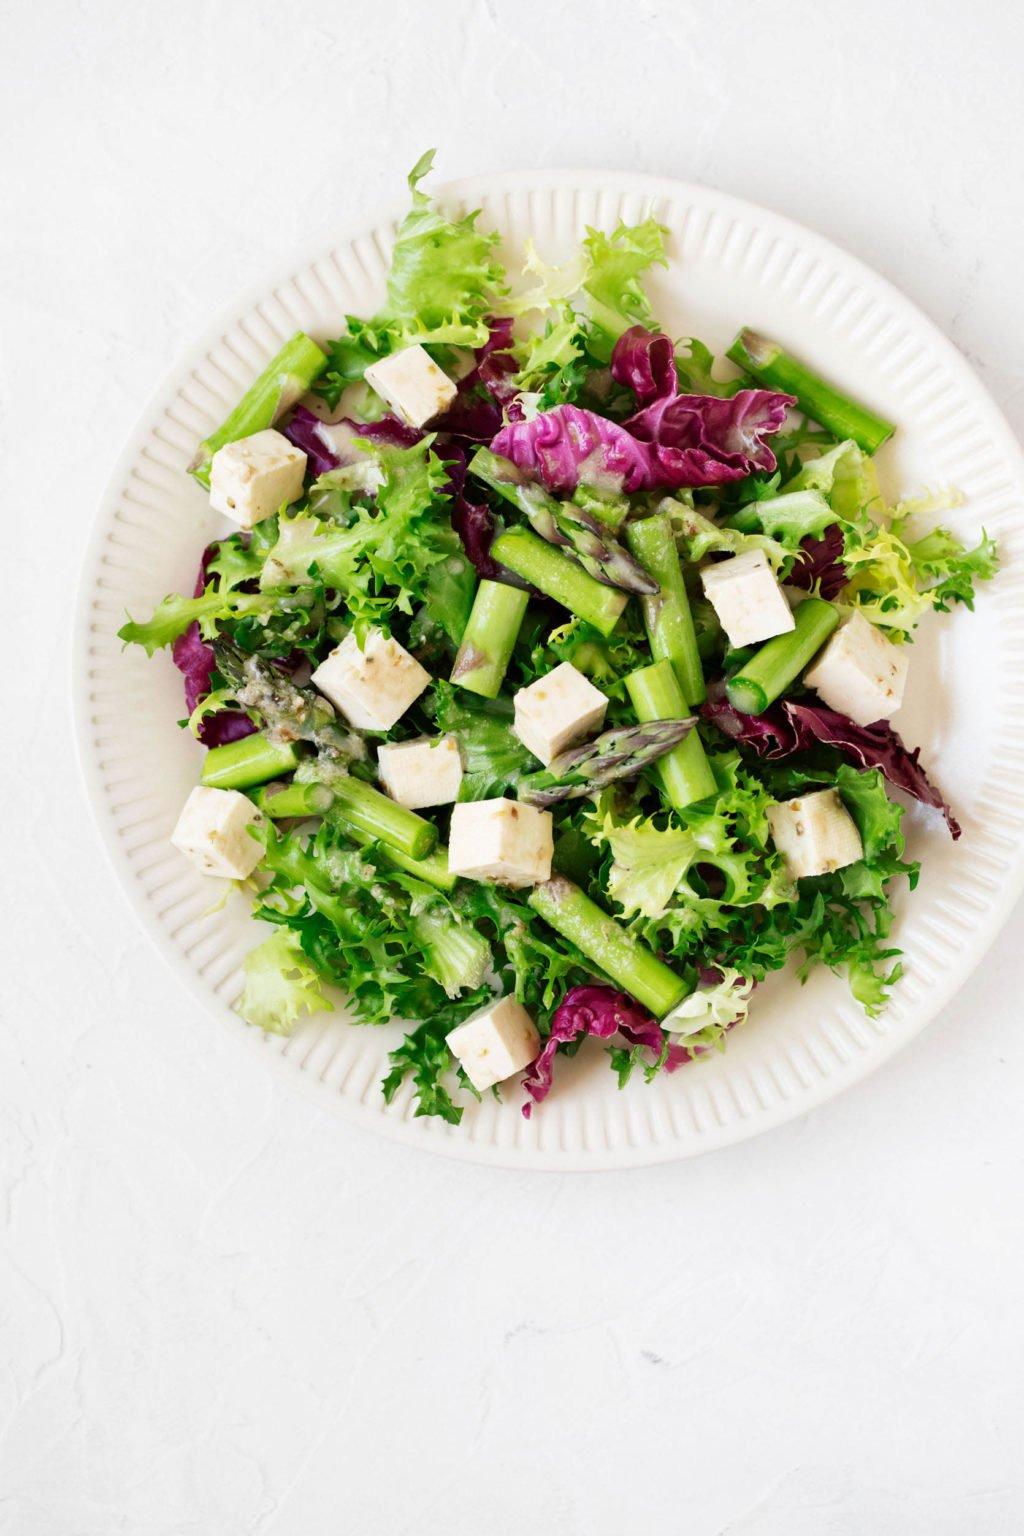 Se sirve una ensalada de primavera brillante y vibrante en un plato de cerámica blanca estriada.  Una mezcla de tofu marinado es parte de la ensalada.